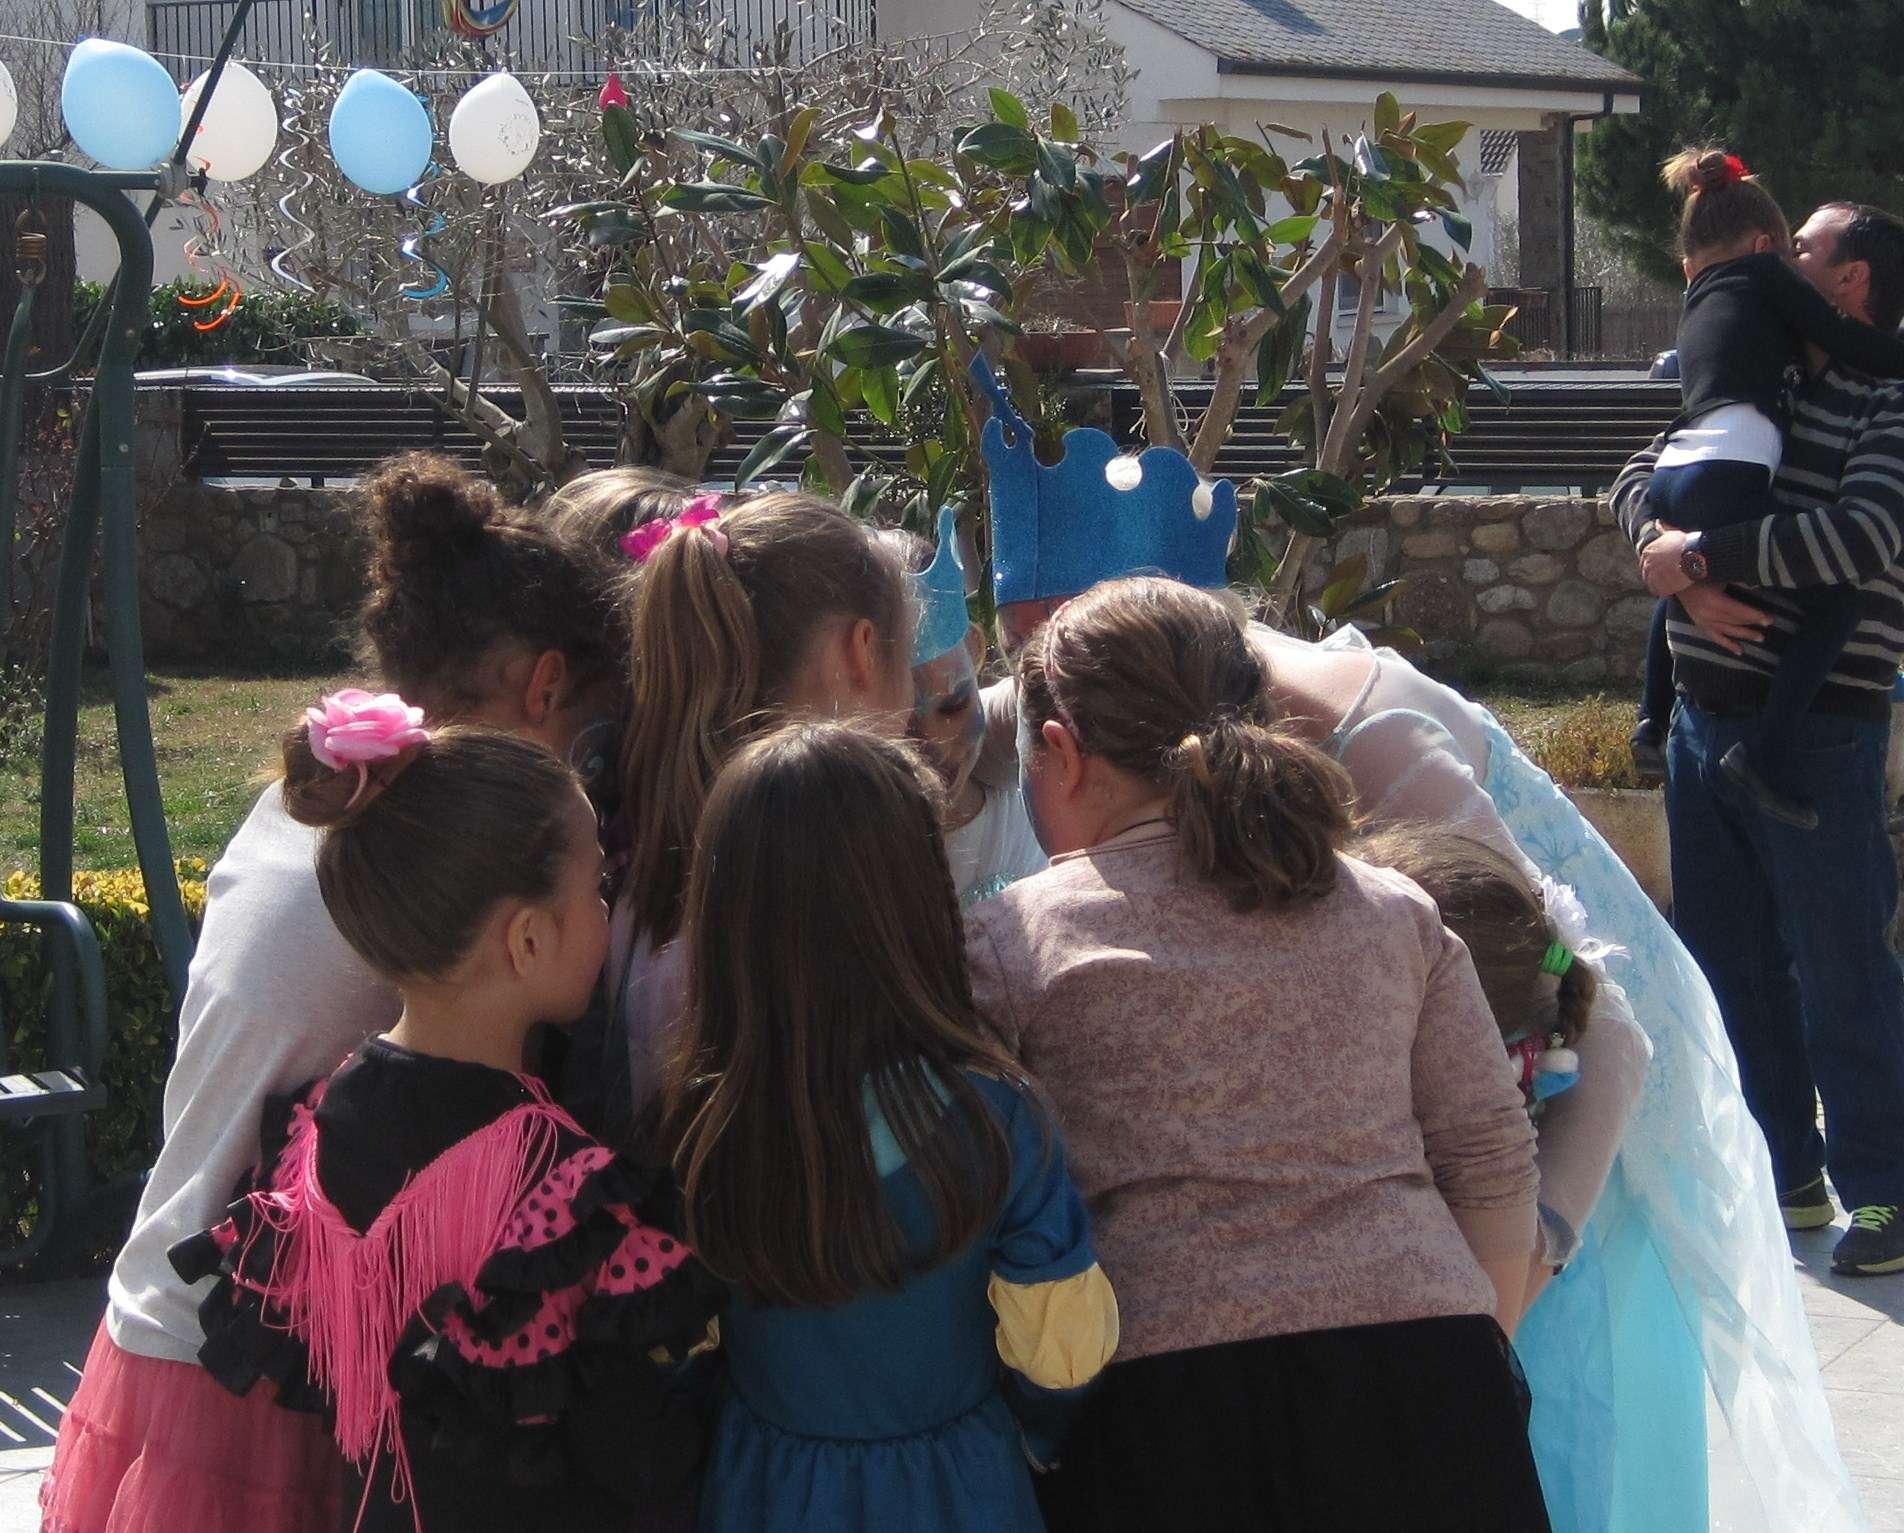 fiesta frozen barcelona, animación frozen para cumpleaños, animadores de frozen para cumpleaños infantiles, animación con elsa de frozen, animadores frozen para fiestas infantiles, frozen, cumpleaños frozen